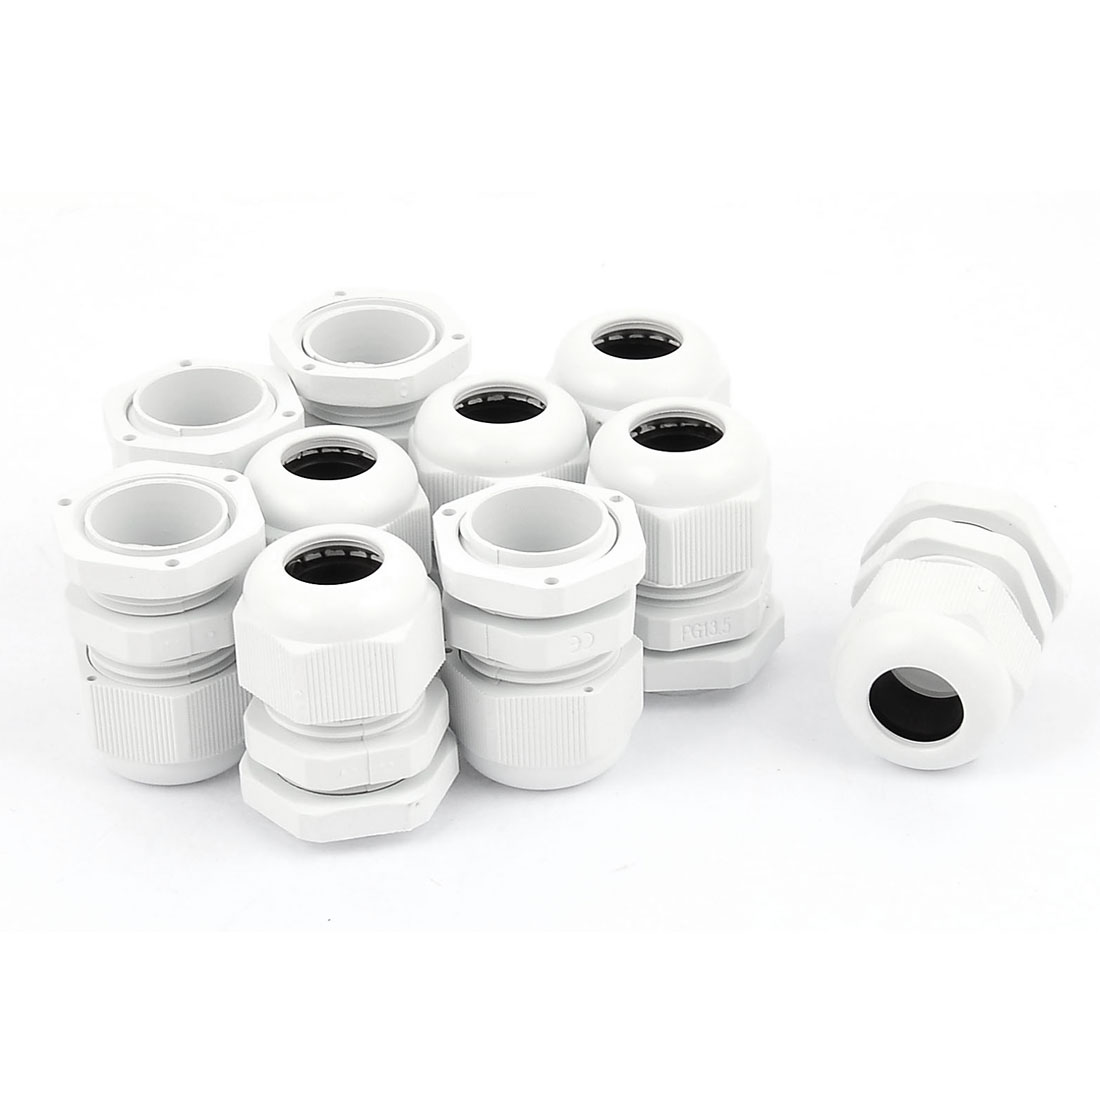 PG-13.5 White Plastic Waterproof Connectors Cable Glands 10 Pcs